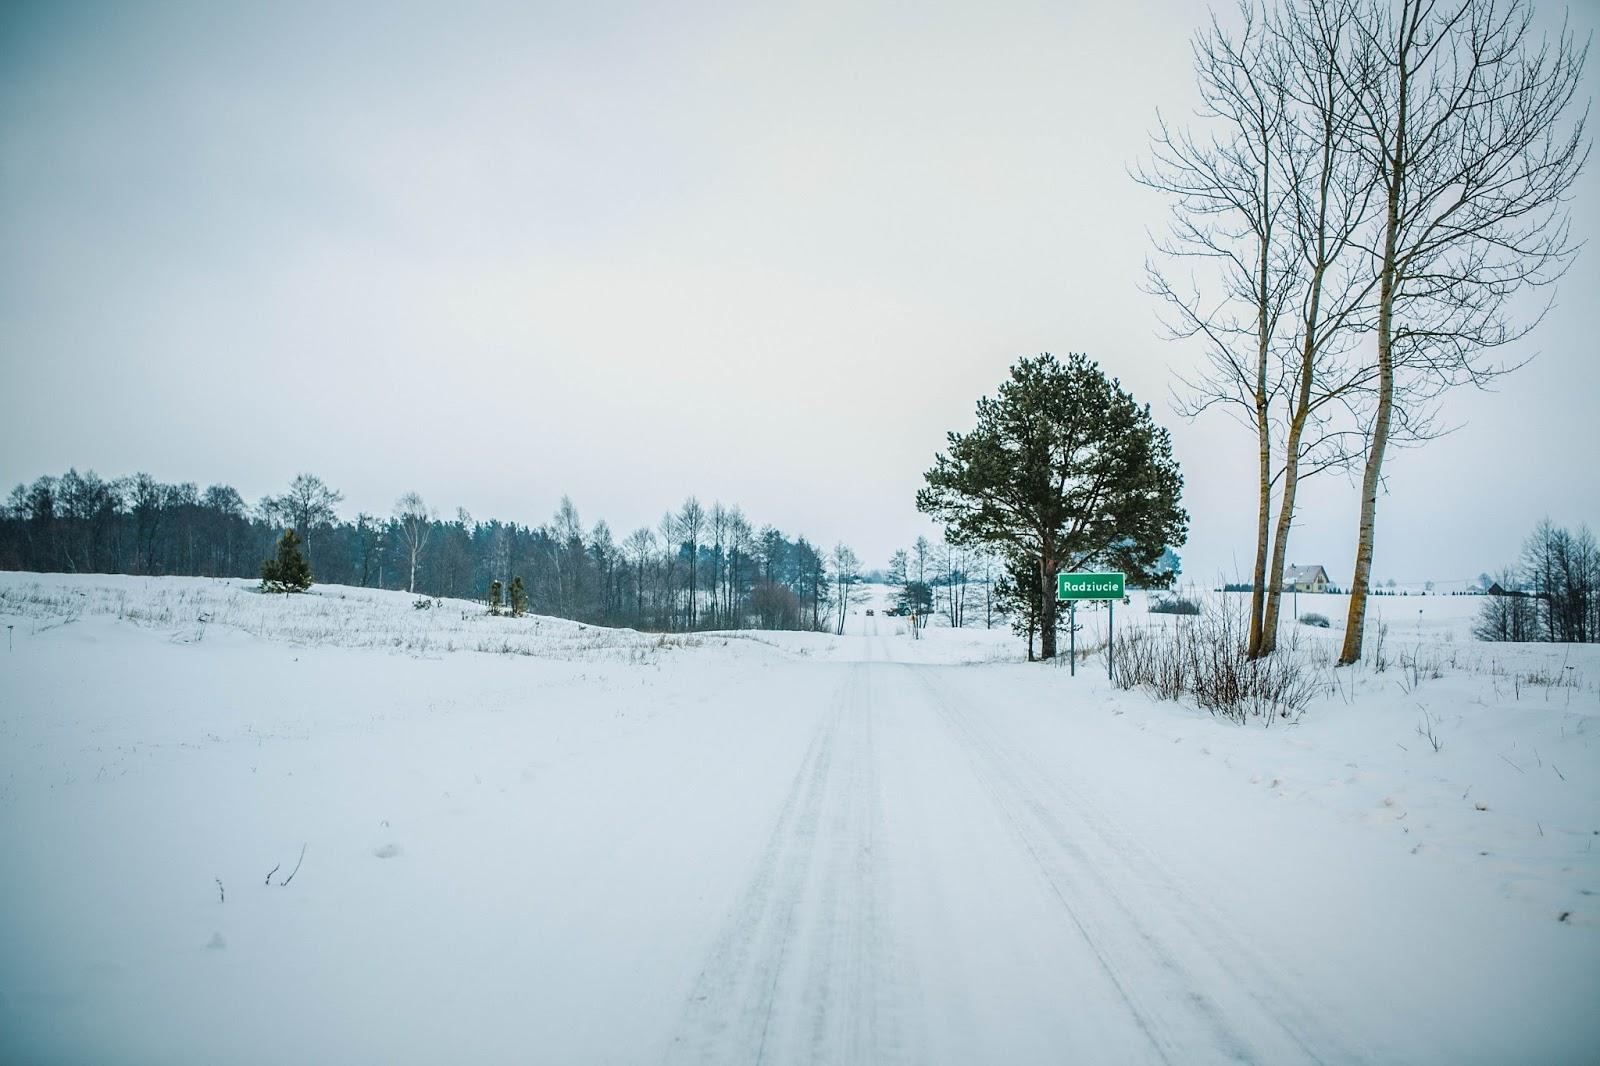 My się zimy nie boimy -  Radziucie, polski biegun zimna:)